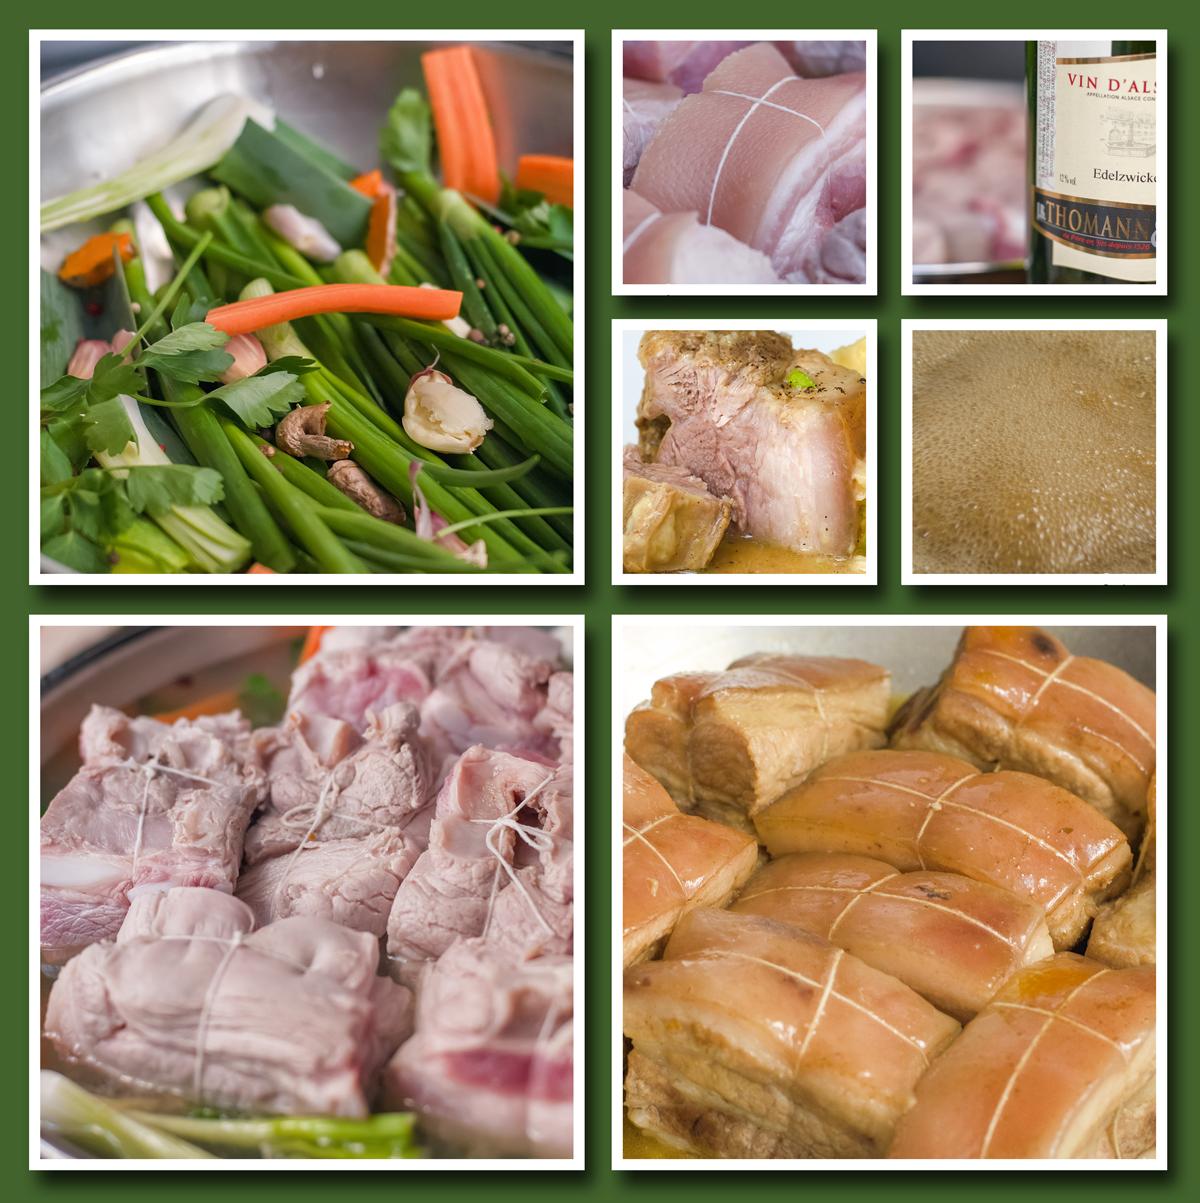 Dong Po Rou (东坡肉) - Porc Dongpo à la Française